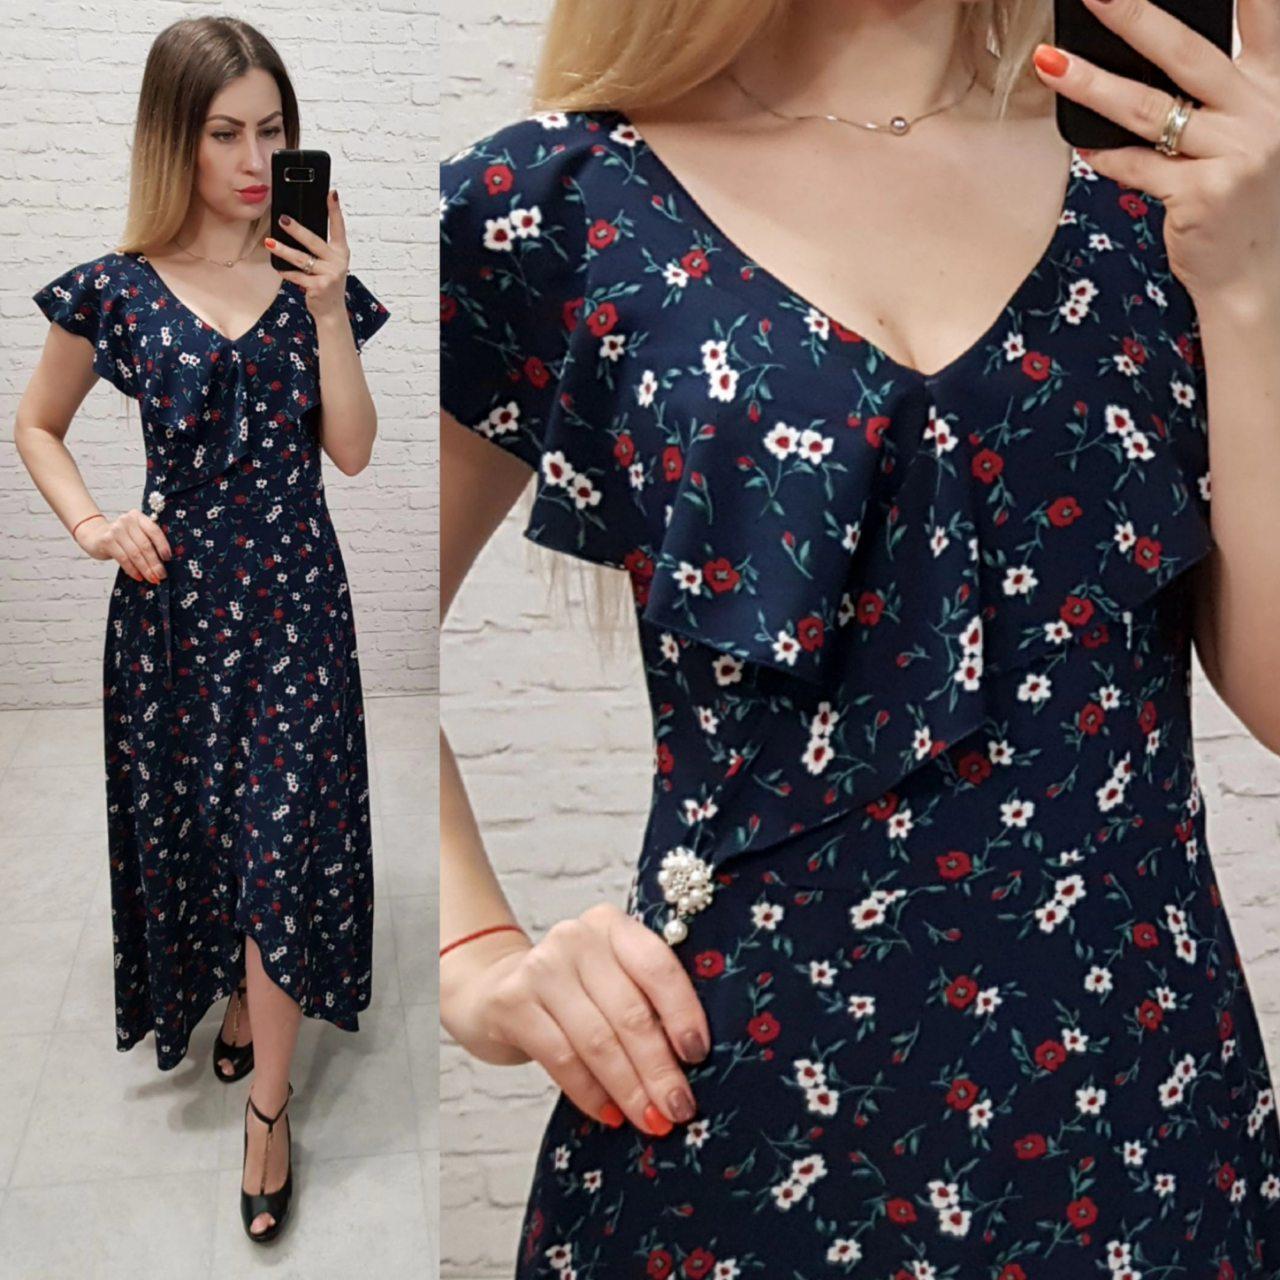 Новинка!!! Жіночна сукня на запах з брошкою, довжина максі, дрібний принт квітка на синьому